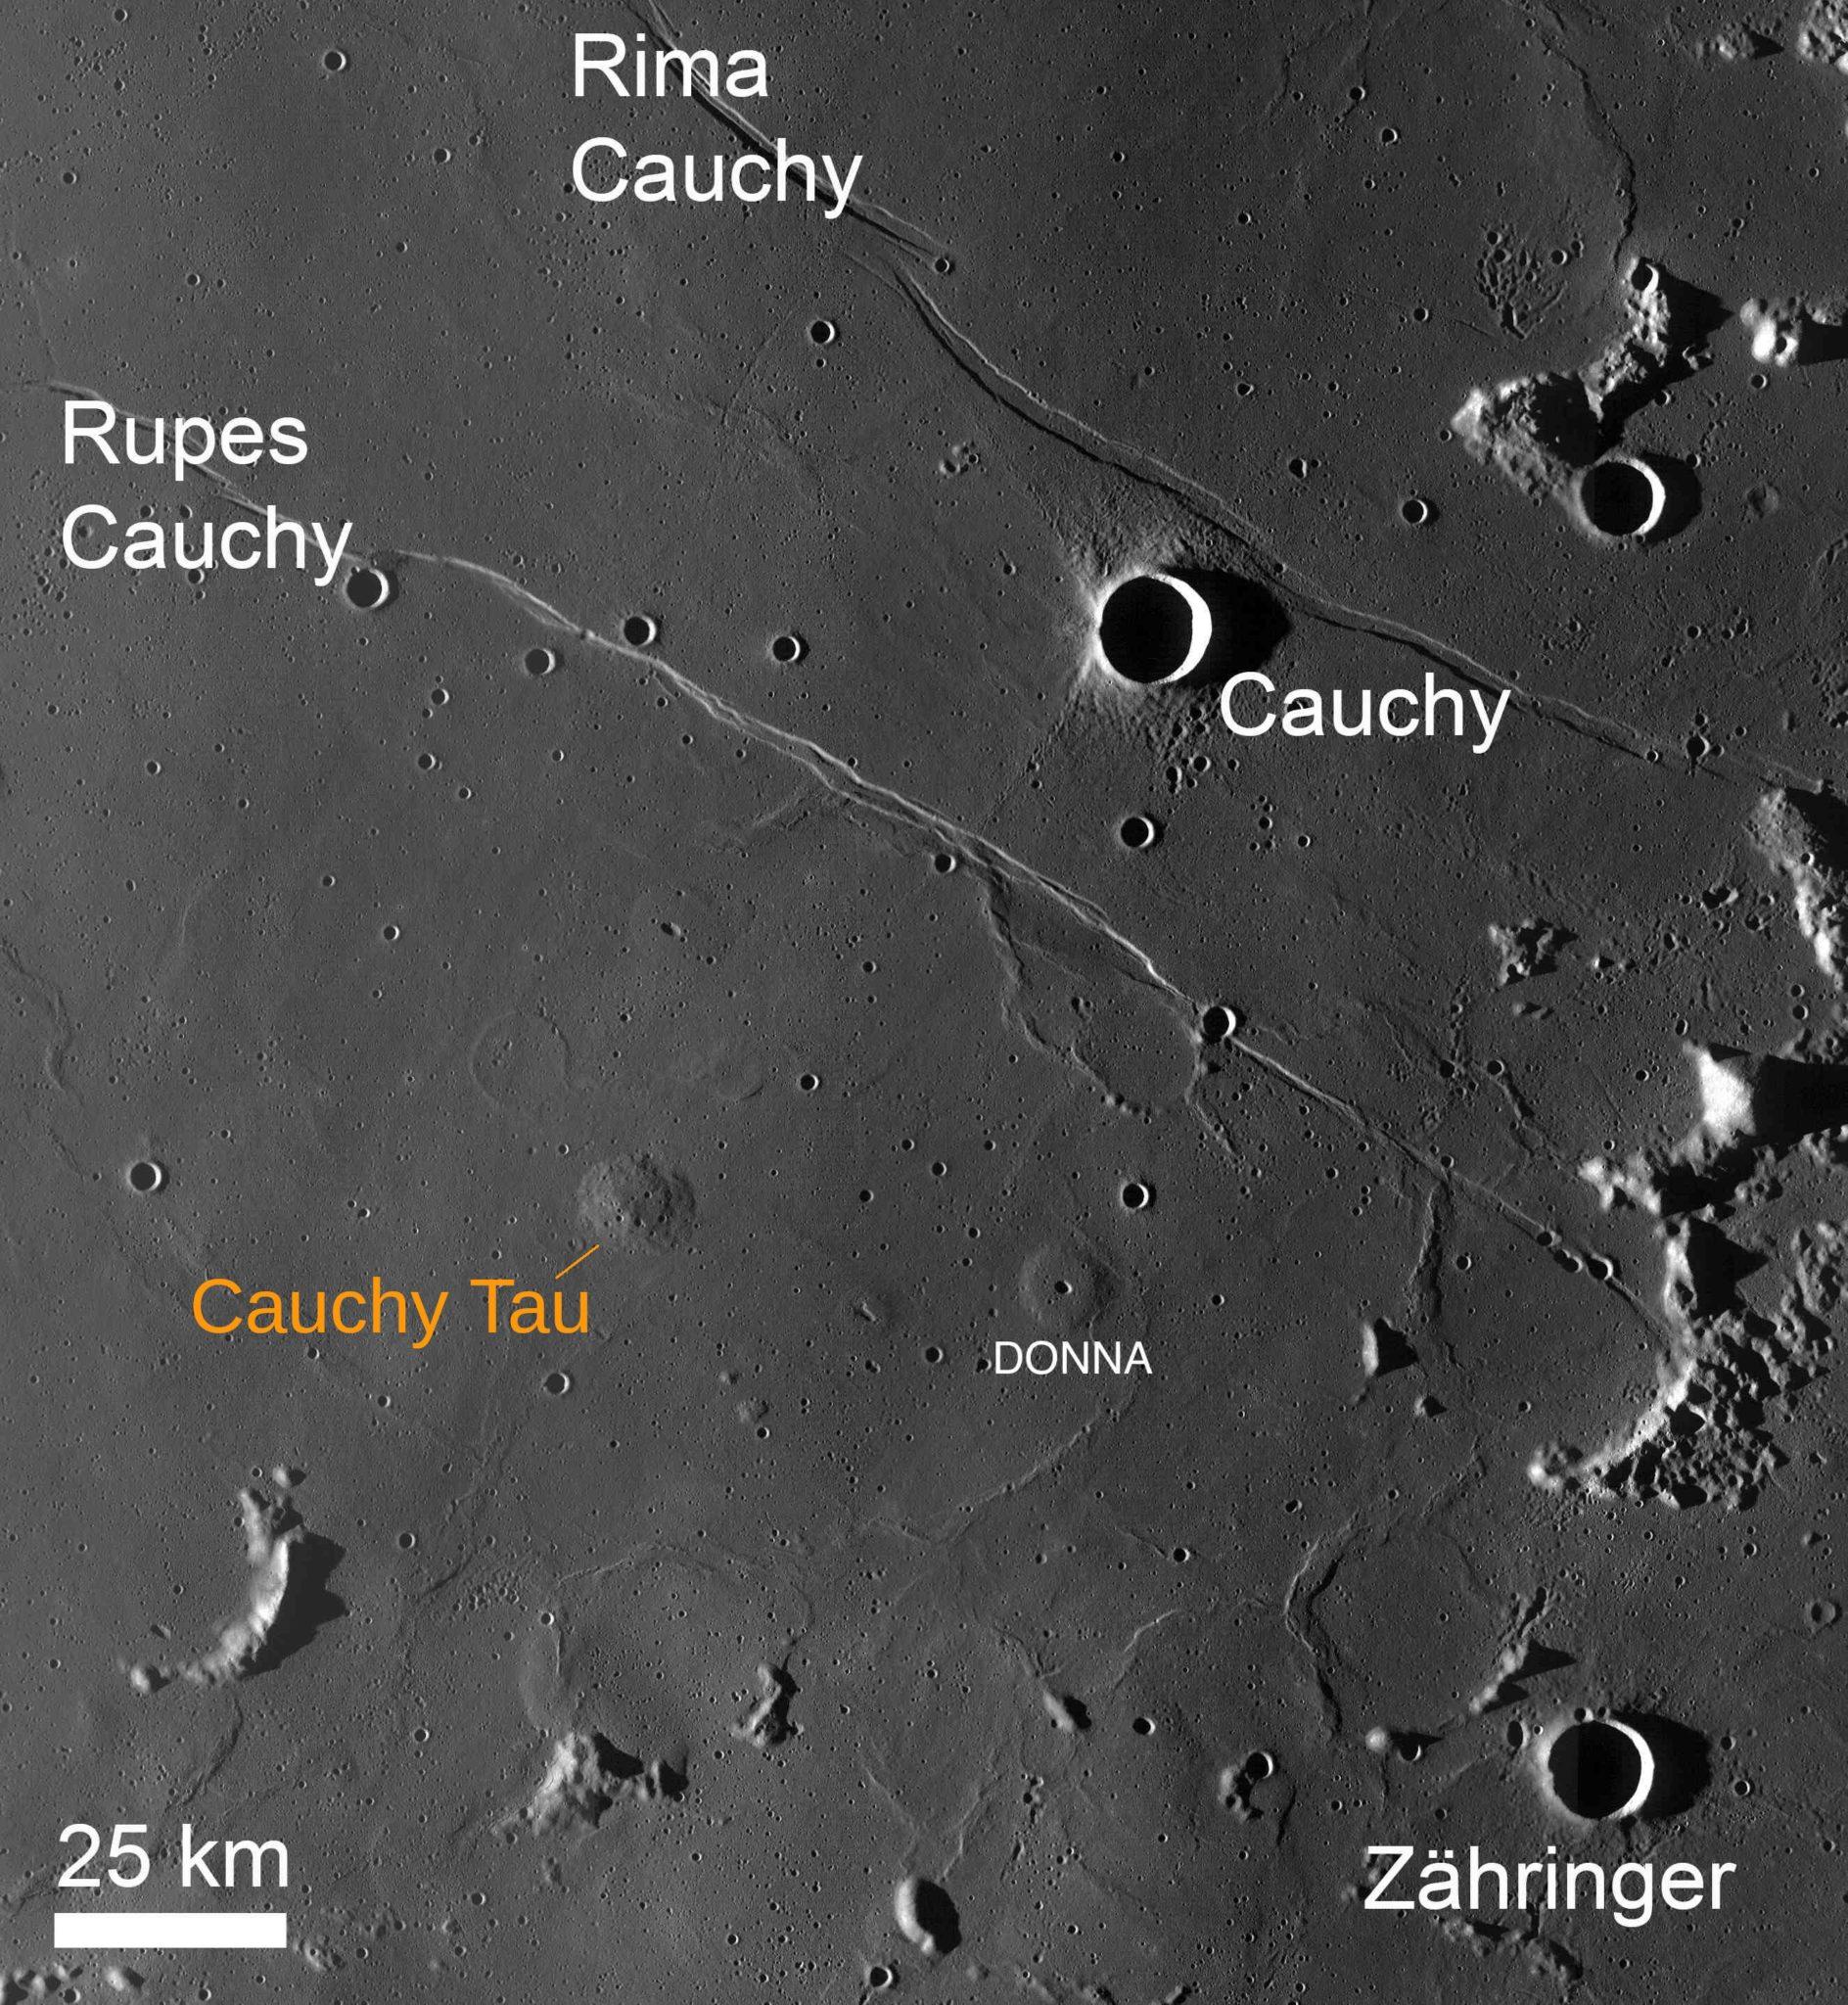 Cauchy et alentours - Image LRO